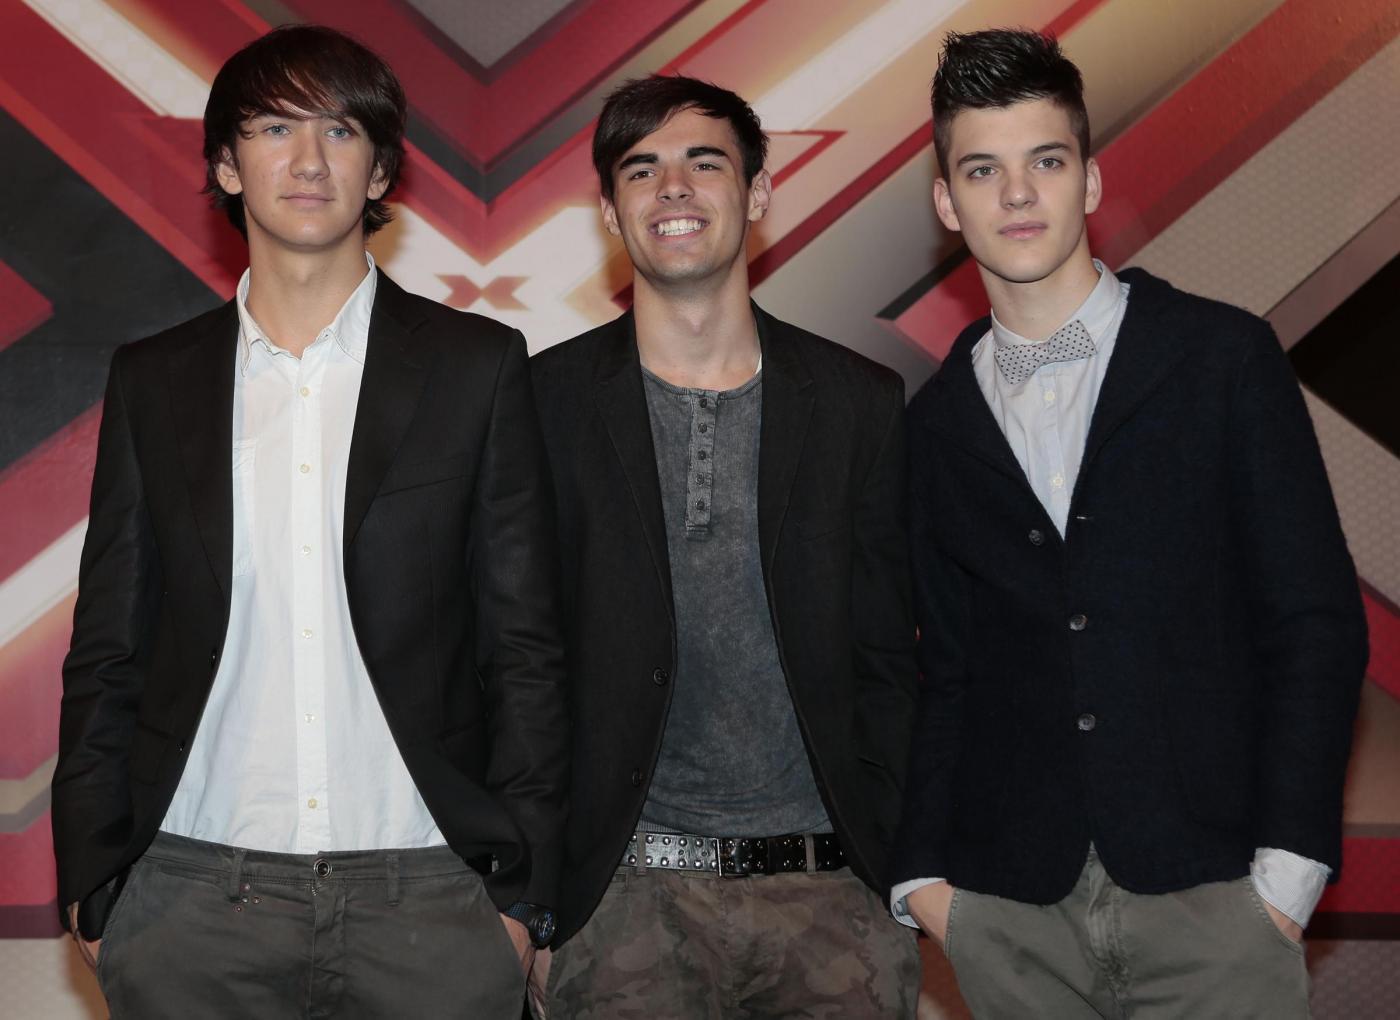 Freebooys, L'ultima pagina dopo X Factor: le nuove canzoni dell'album 'Dedicato a…'